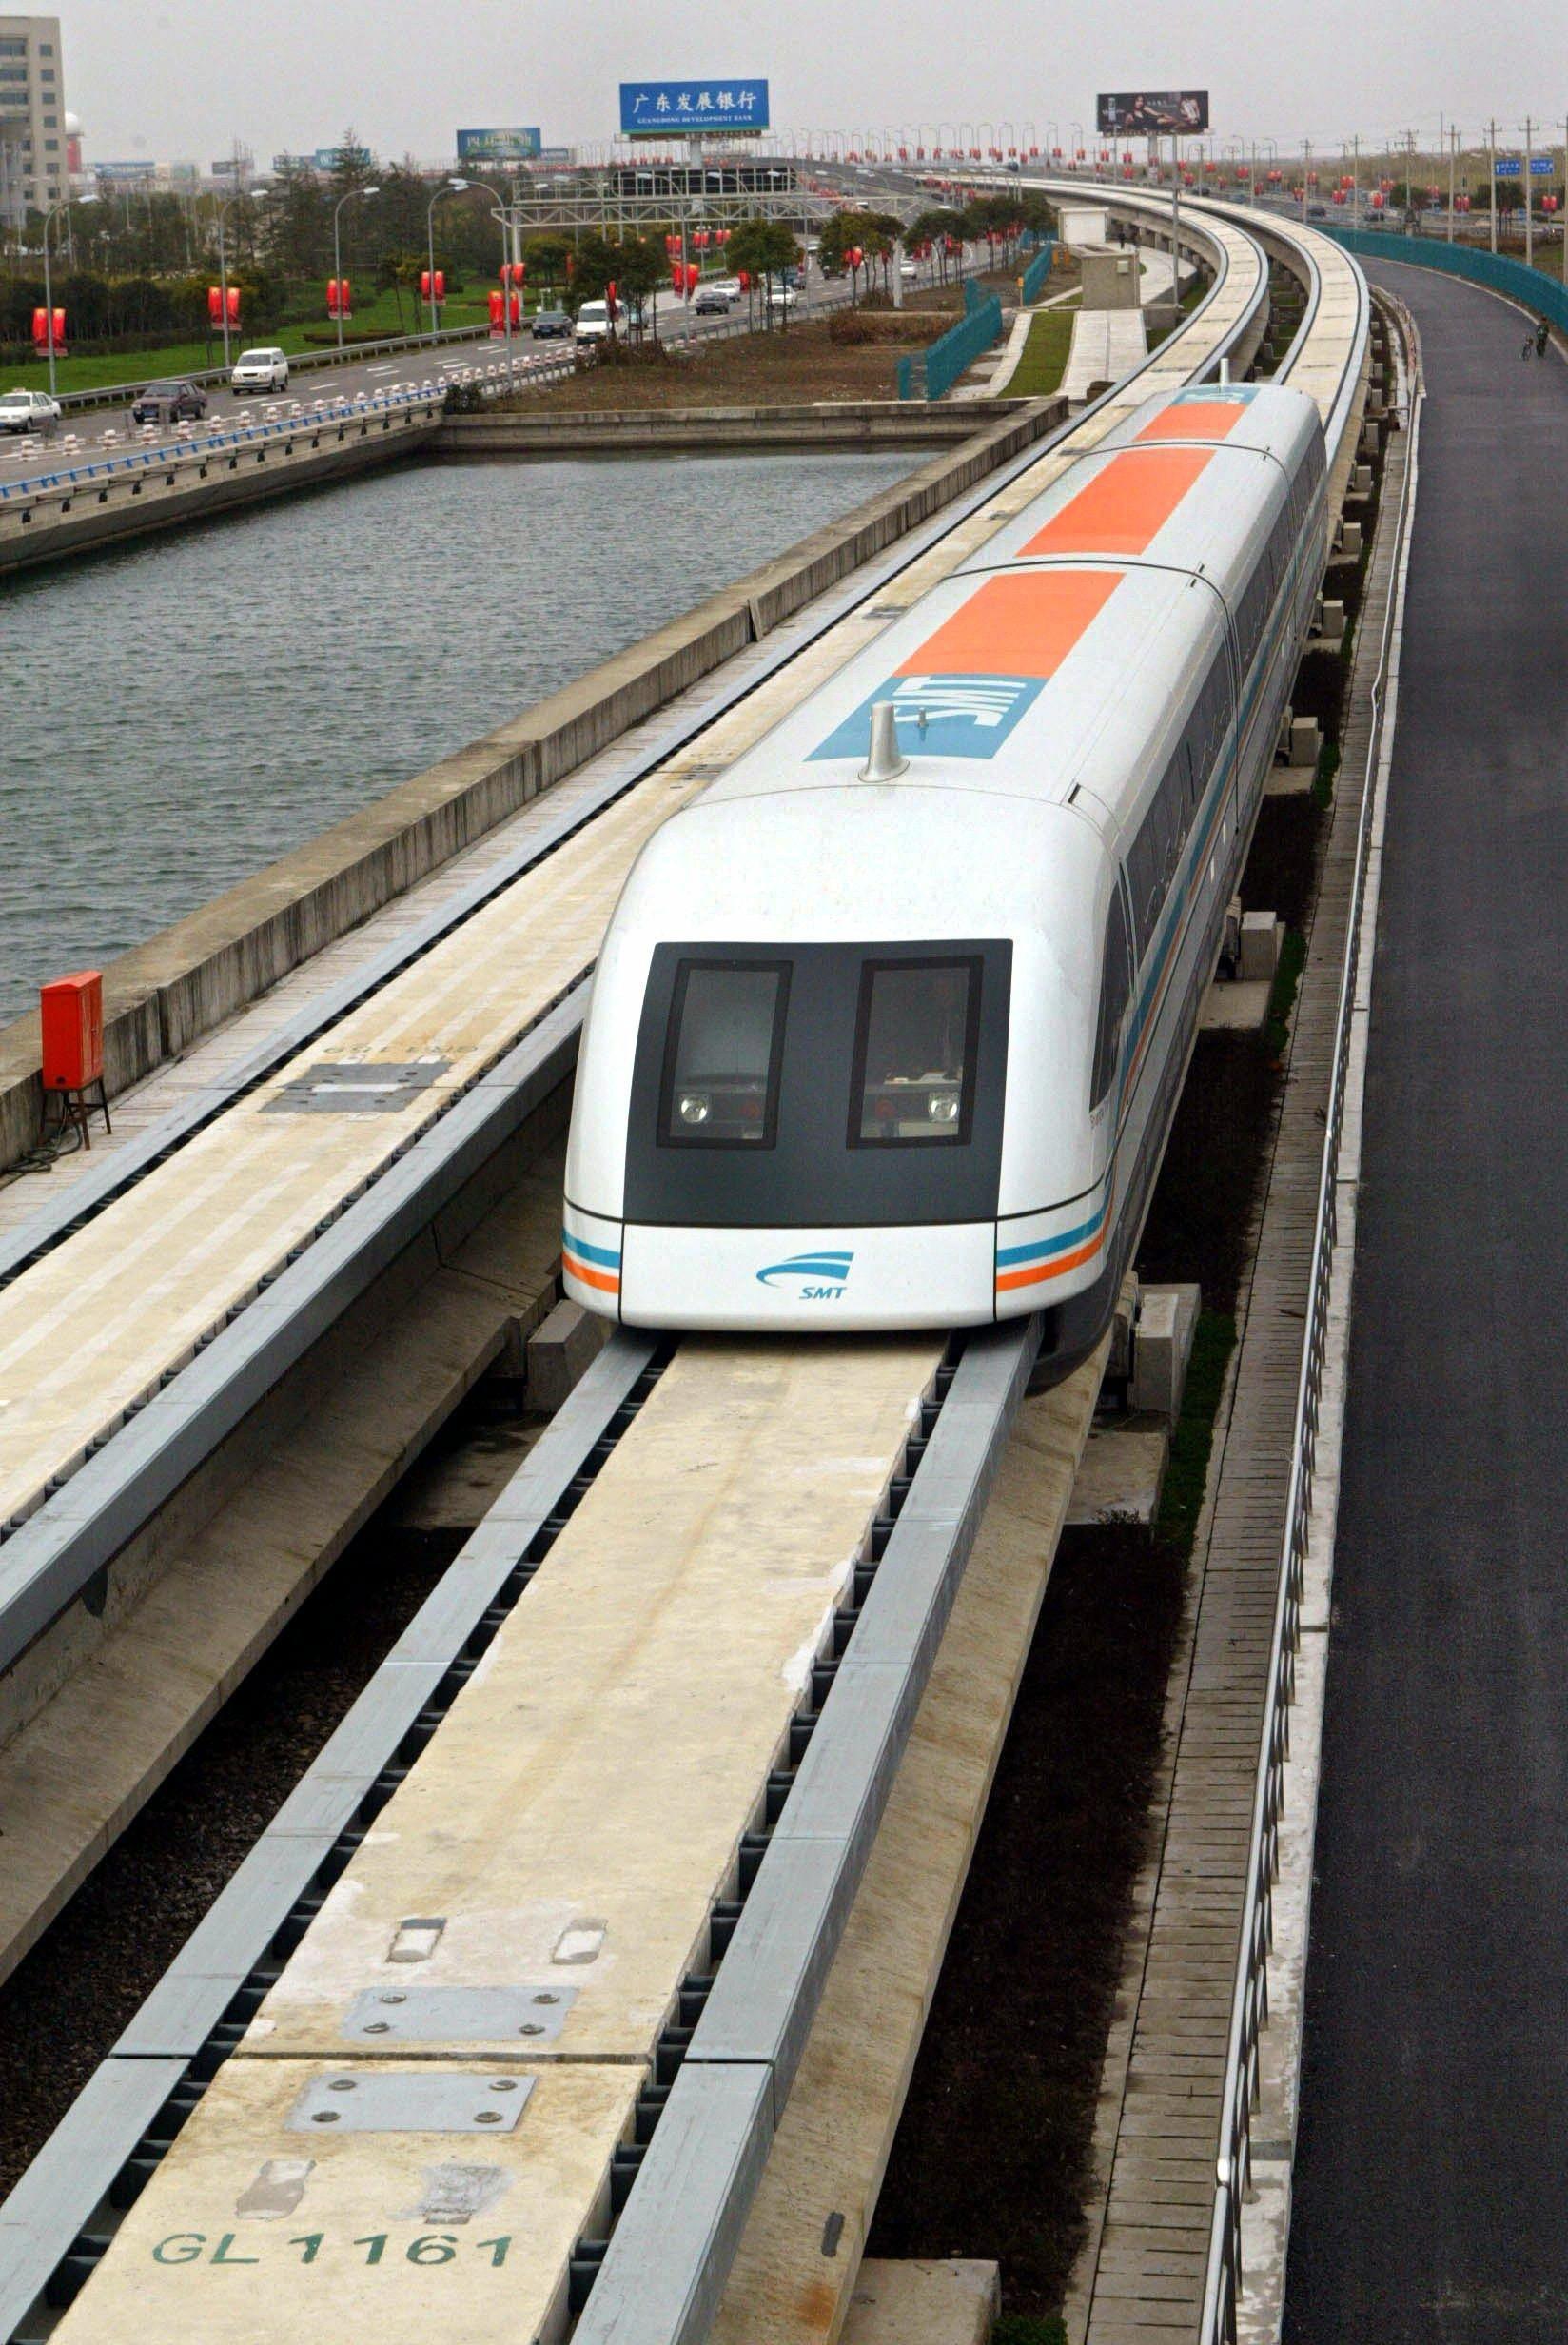 Transrapid in Shanghai: Auf Wohlwollen bei der Bevölkerungen stoßen die Züge besonders wegen ihres geringen Geräuschpegels. Die unklaren gesundheitlichen Auswirkungen der elektromagnetischen Strahlung sind allerdings Grund zum Streit.